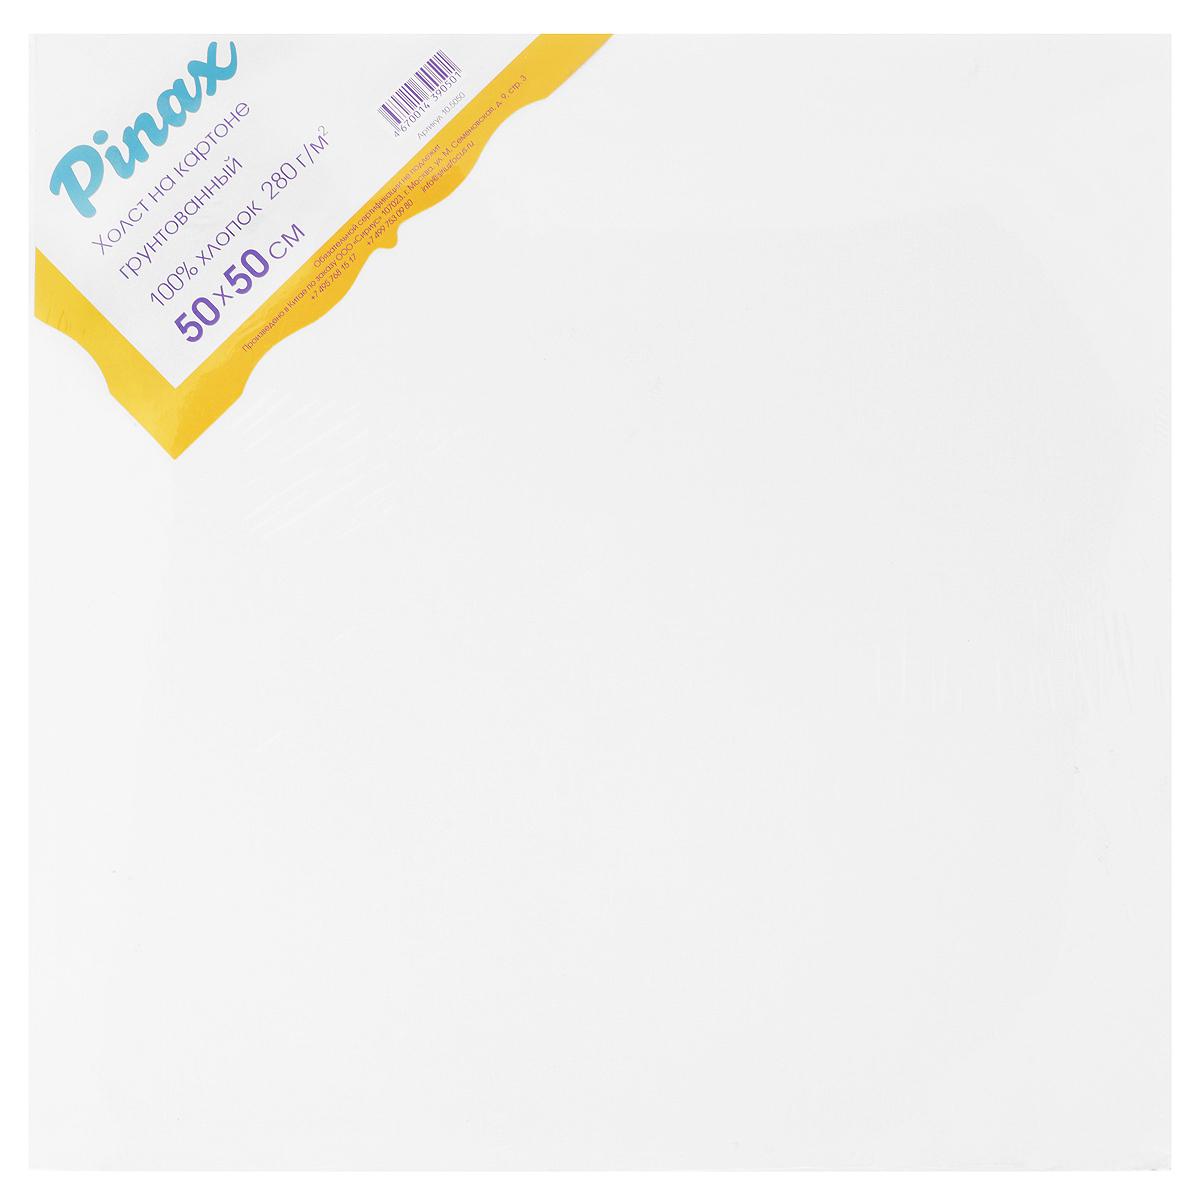 Холст грунтованный Pinax, на картоне, 50 см х 50 см10.5050Грунтованный холст Pinax изготовлен из 100% натурального хлопка. Хлопок в качестве основы для холста - привлекательное решение для начинающих художников и любителей. На холсты наносится три слоя акрилового грунта, который обладает высокой степенью адгезии - обеспечивает хорошее сцепление краски с грунтованным холстом. Изделие оправдывает себя в работе: холст не провисает, акриловая грунтовка позволяет исправить все естественные неровности полотна. Холст оснащен мелкозернистой фактурой. Холст на картоне представляет собой готовое изделие, основу для работы живописца. Предназначен для масляной живописи, акрила, темперы и смешанных техник. Плотность: 280 г/м2.